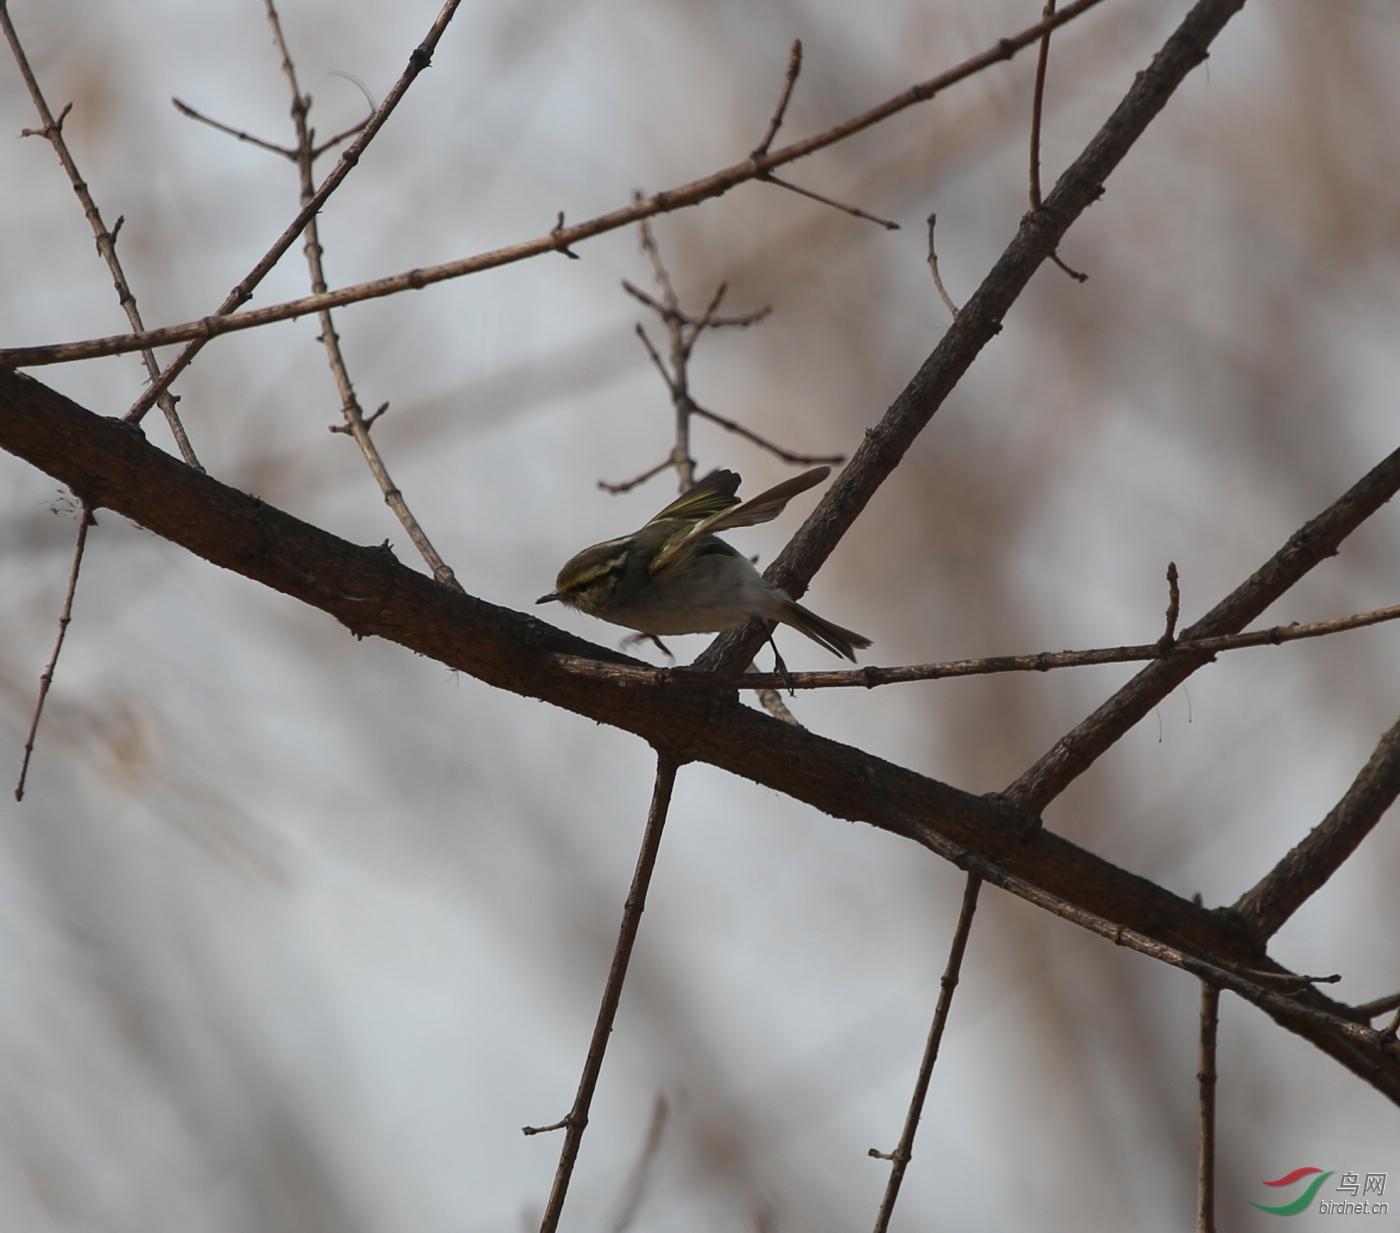 柳莺什么成语_柳莺鸟图片